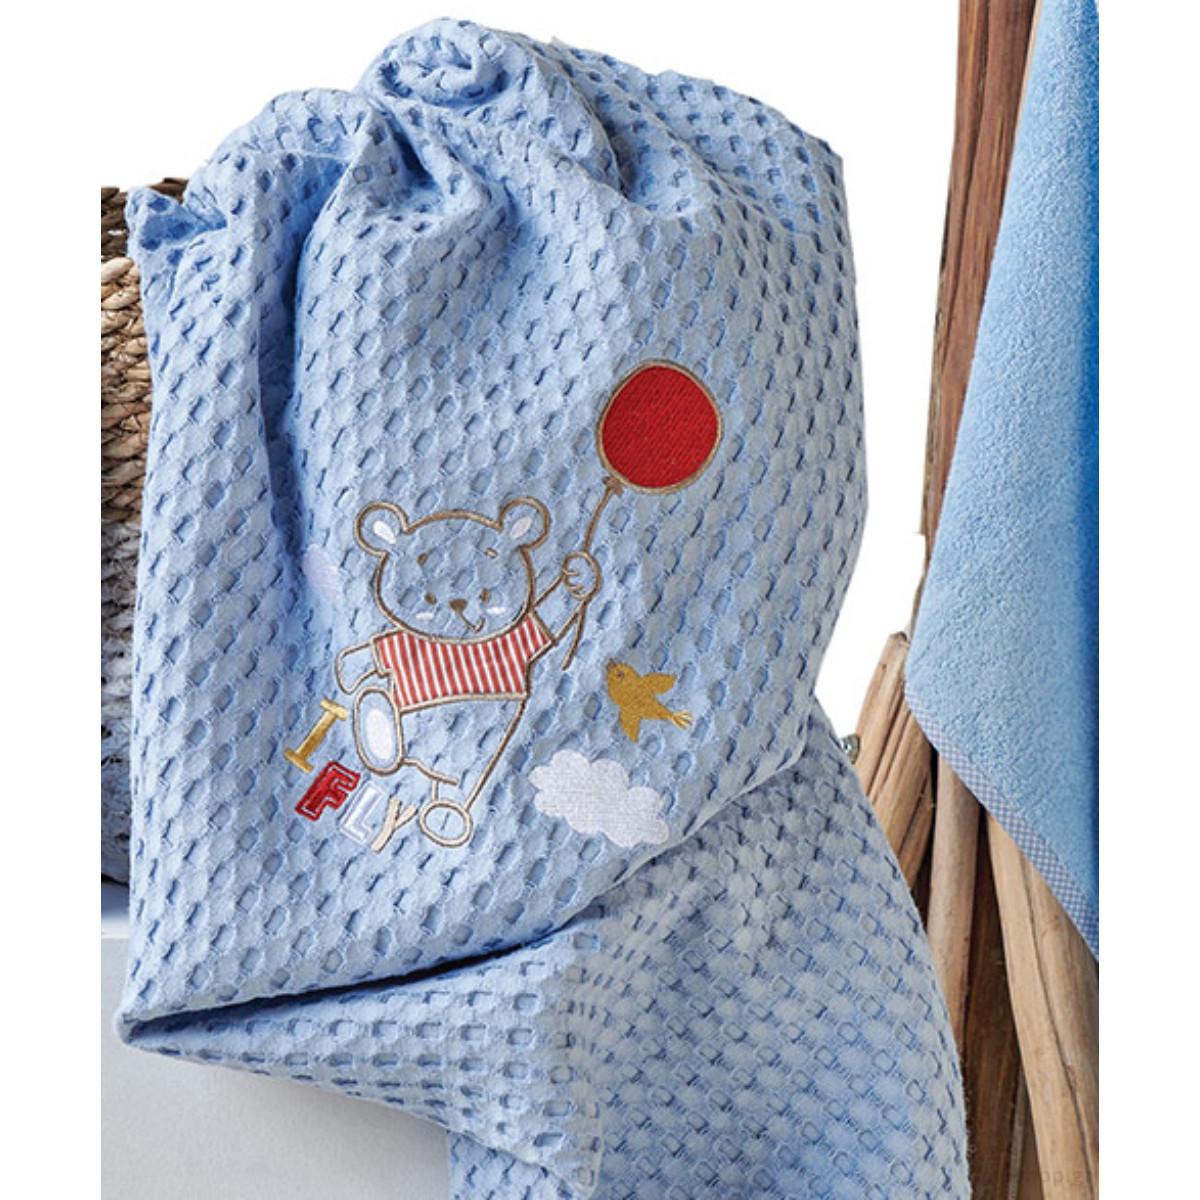 Κουβέρτα Πικέ Αγκαλιάς Kentia Baby Balloon home   βρεφικά   κουβέρτες βρεφικές   κουβέρτες καλοκαιρινές